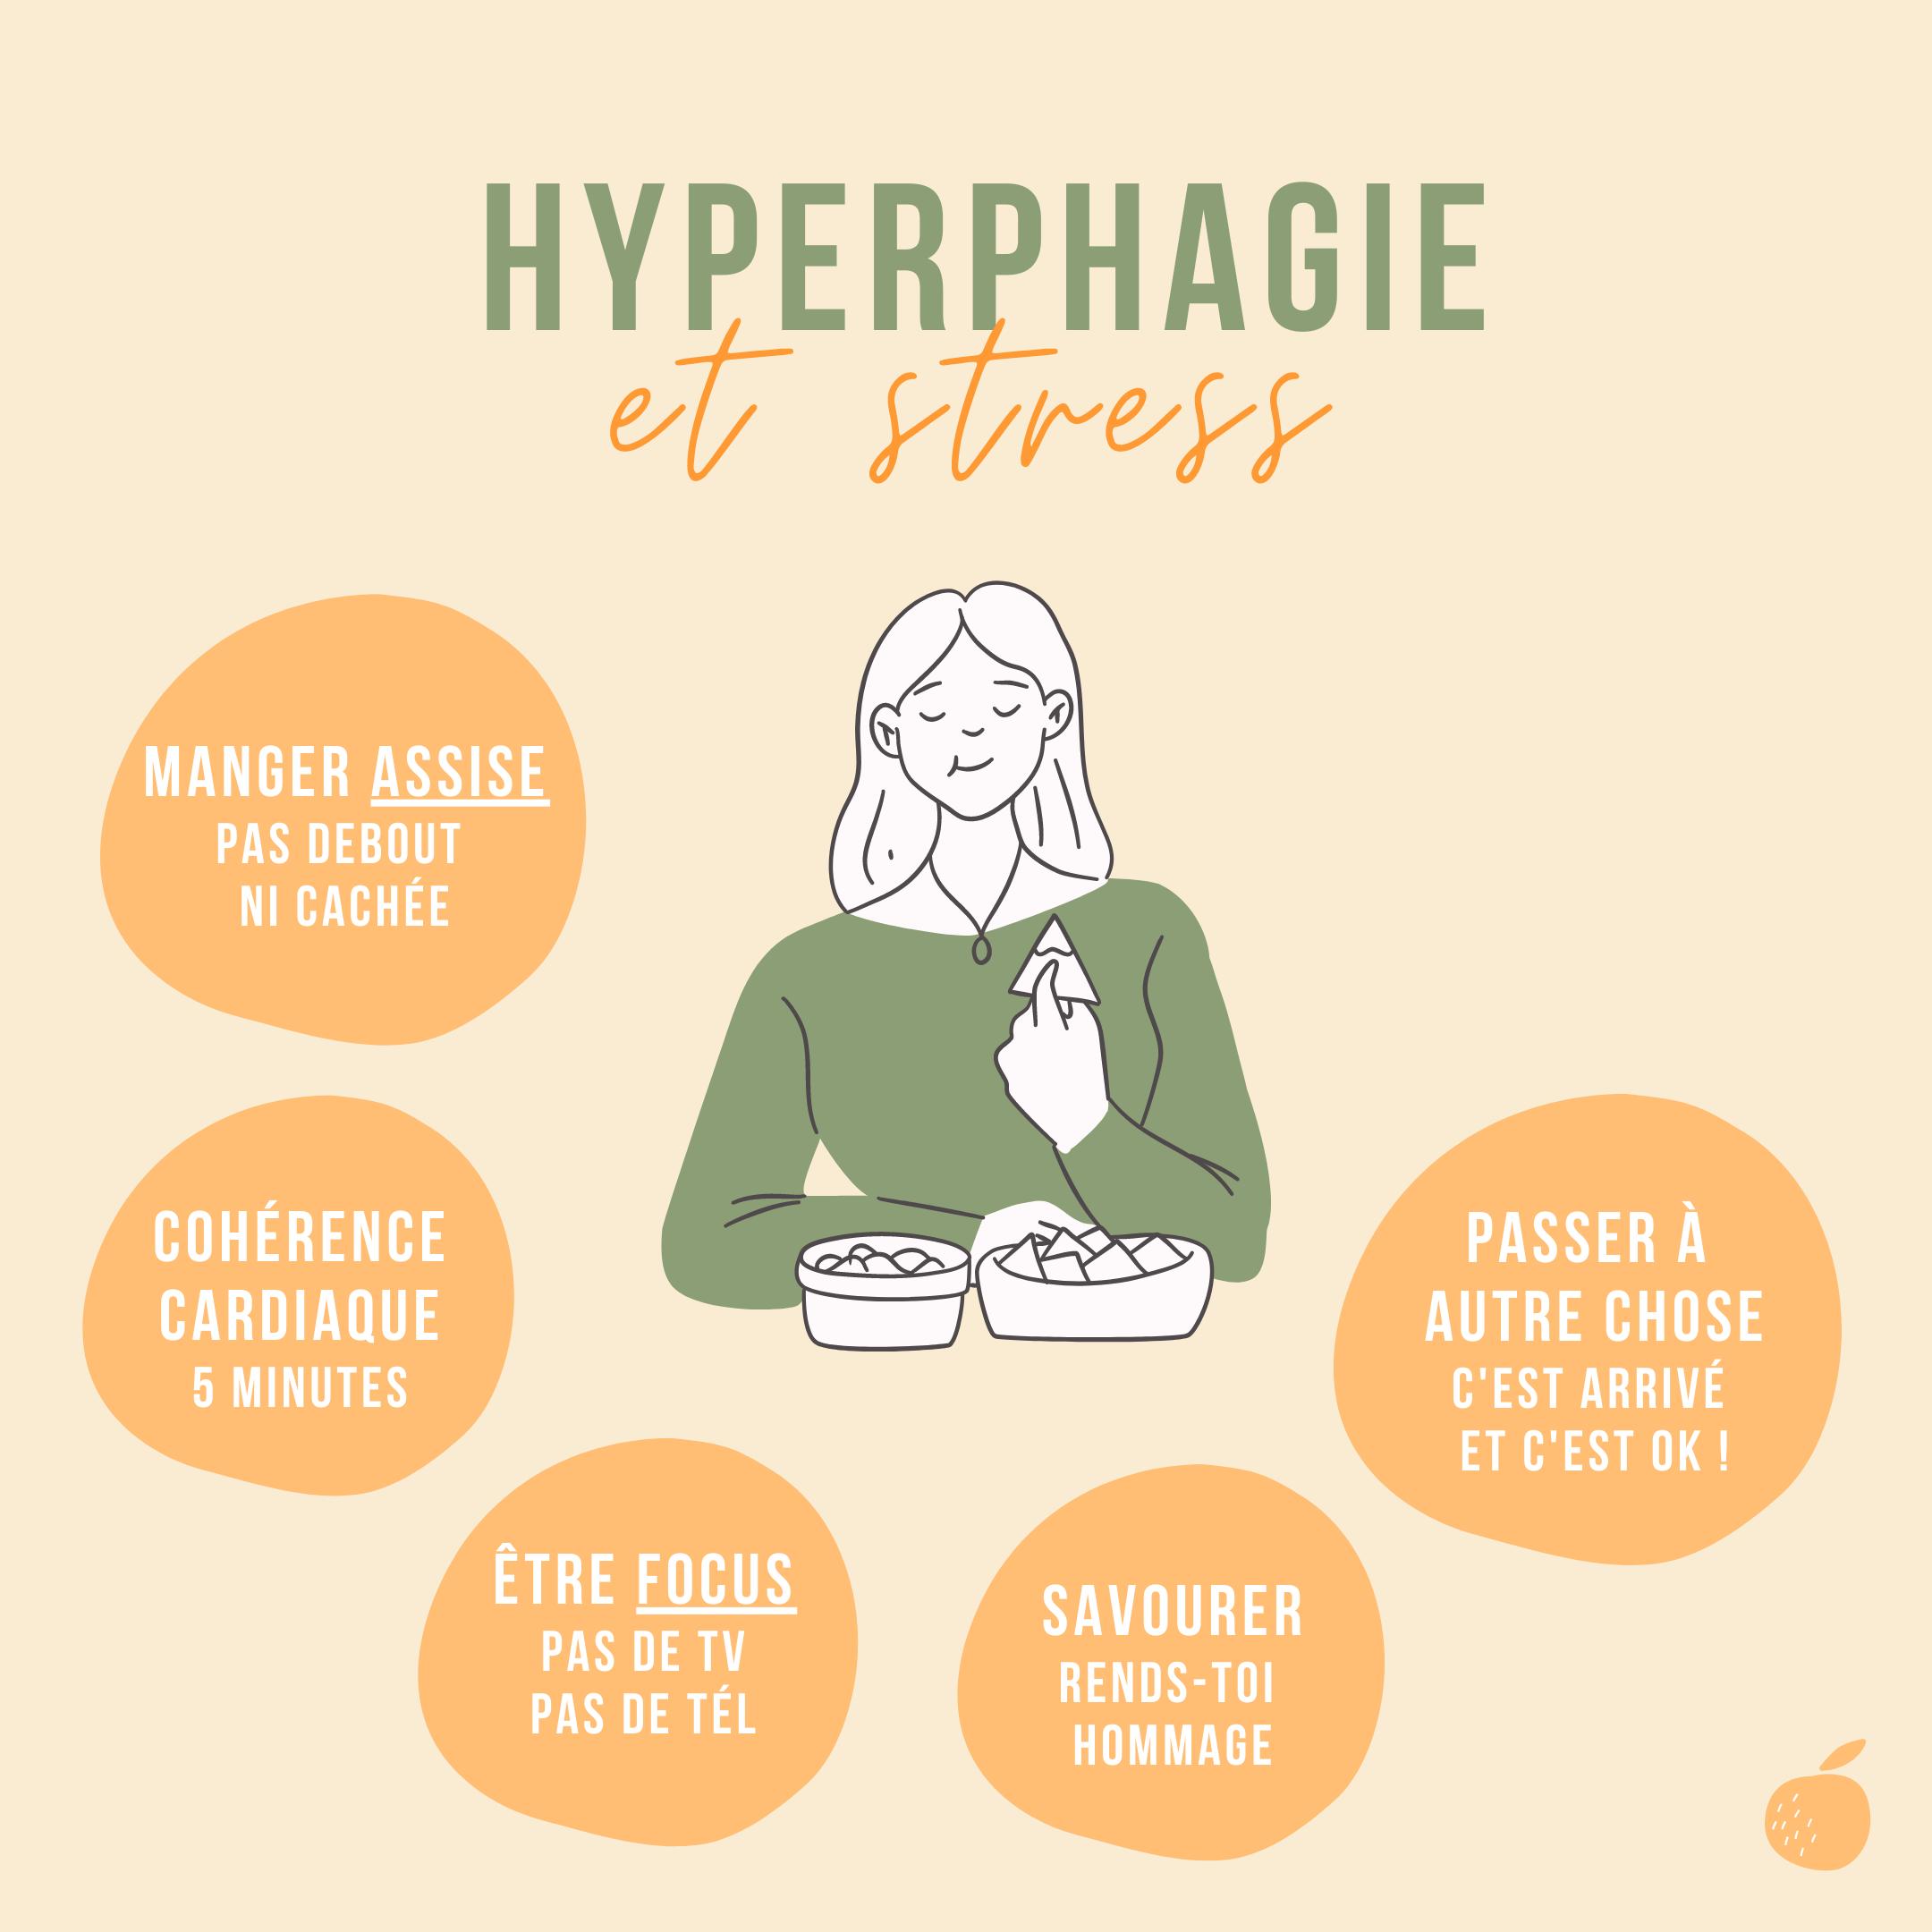 HYPERPHAGIE ET STRESS